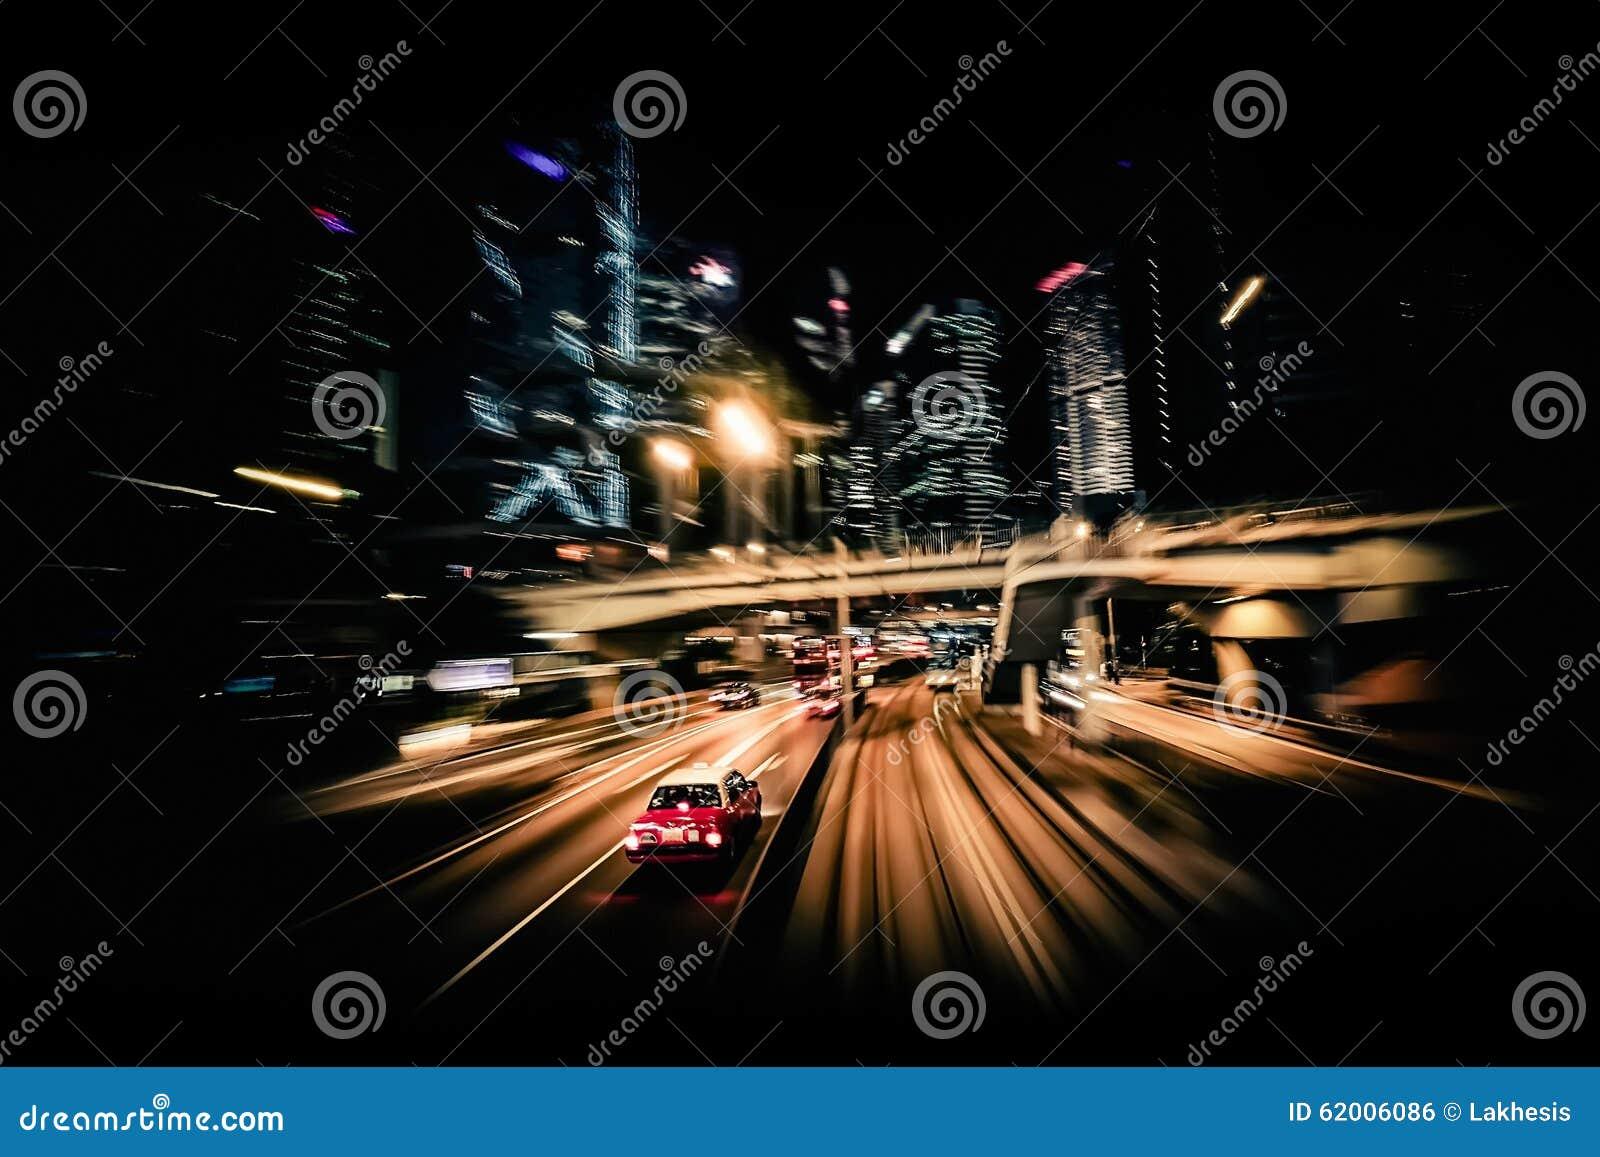 Het moderne onduidelijke beeld van de stadsmotie Hon Kong Abstract cityscape verkeer B